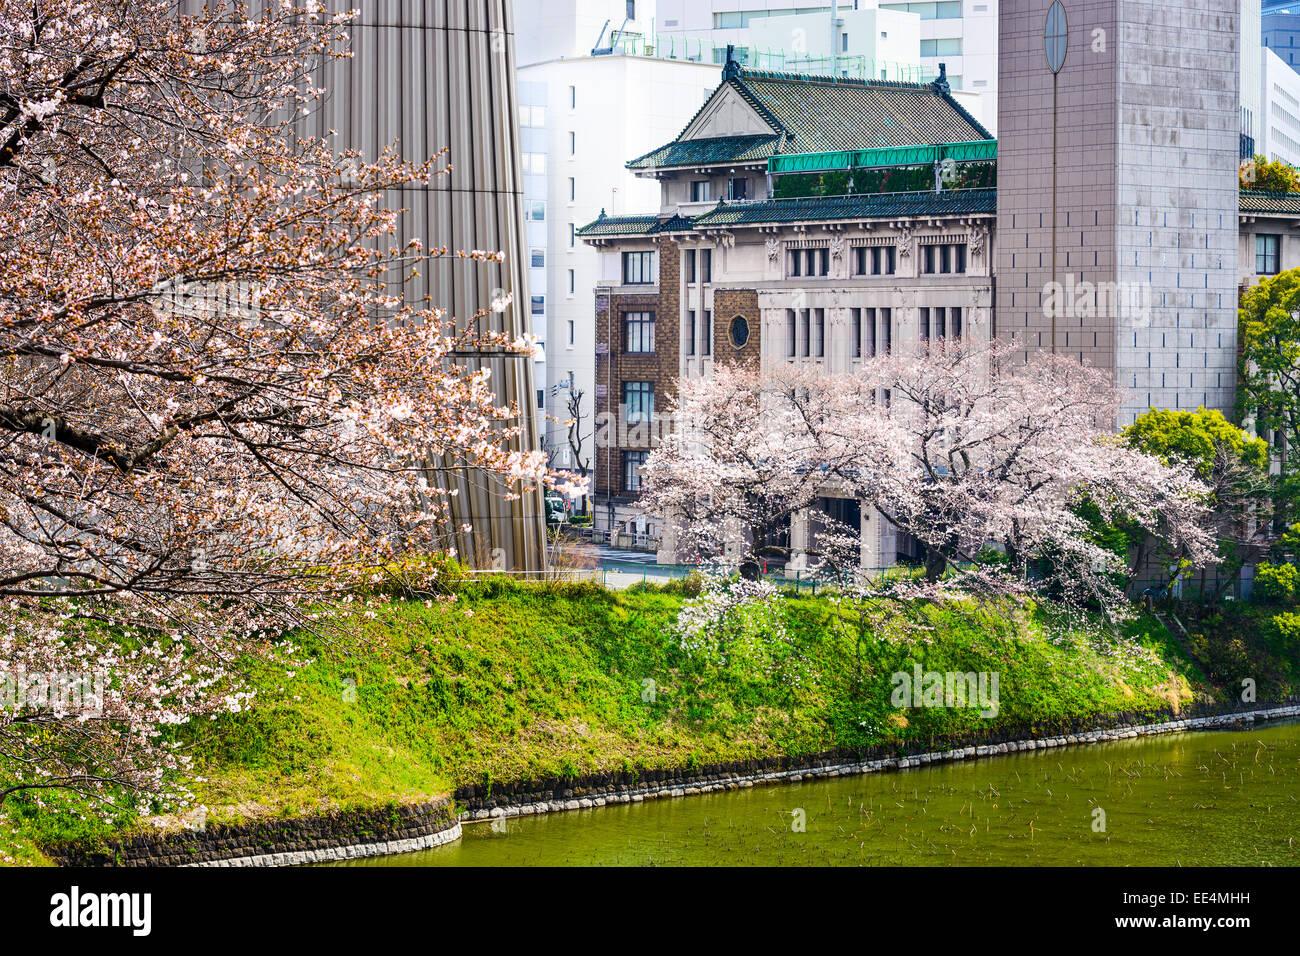 Tokio, Japón vista de edificios alrededor de Chidorigafuchi foso en la primavera. Imagen De Stock